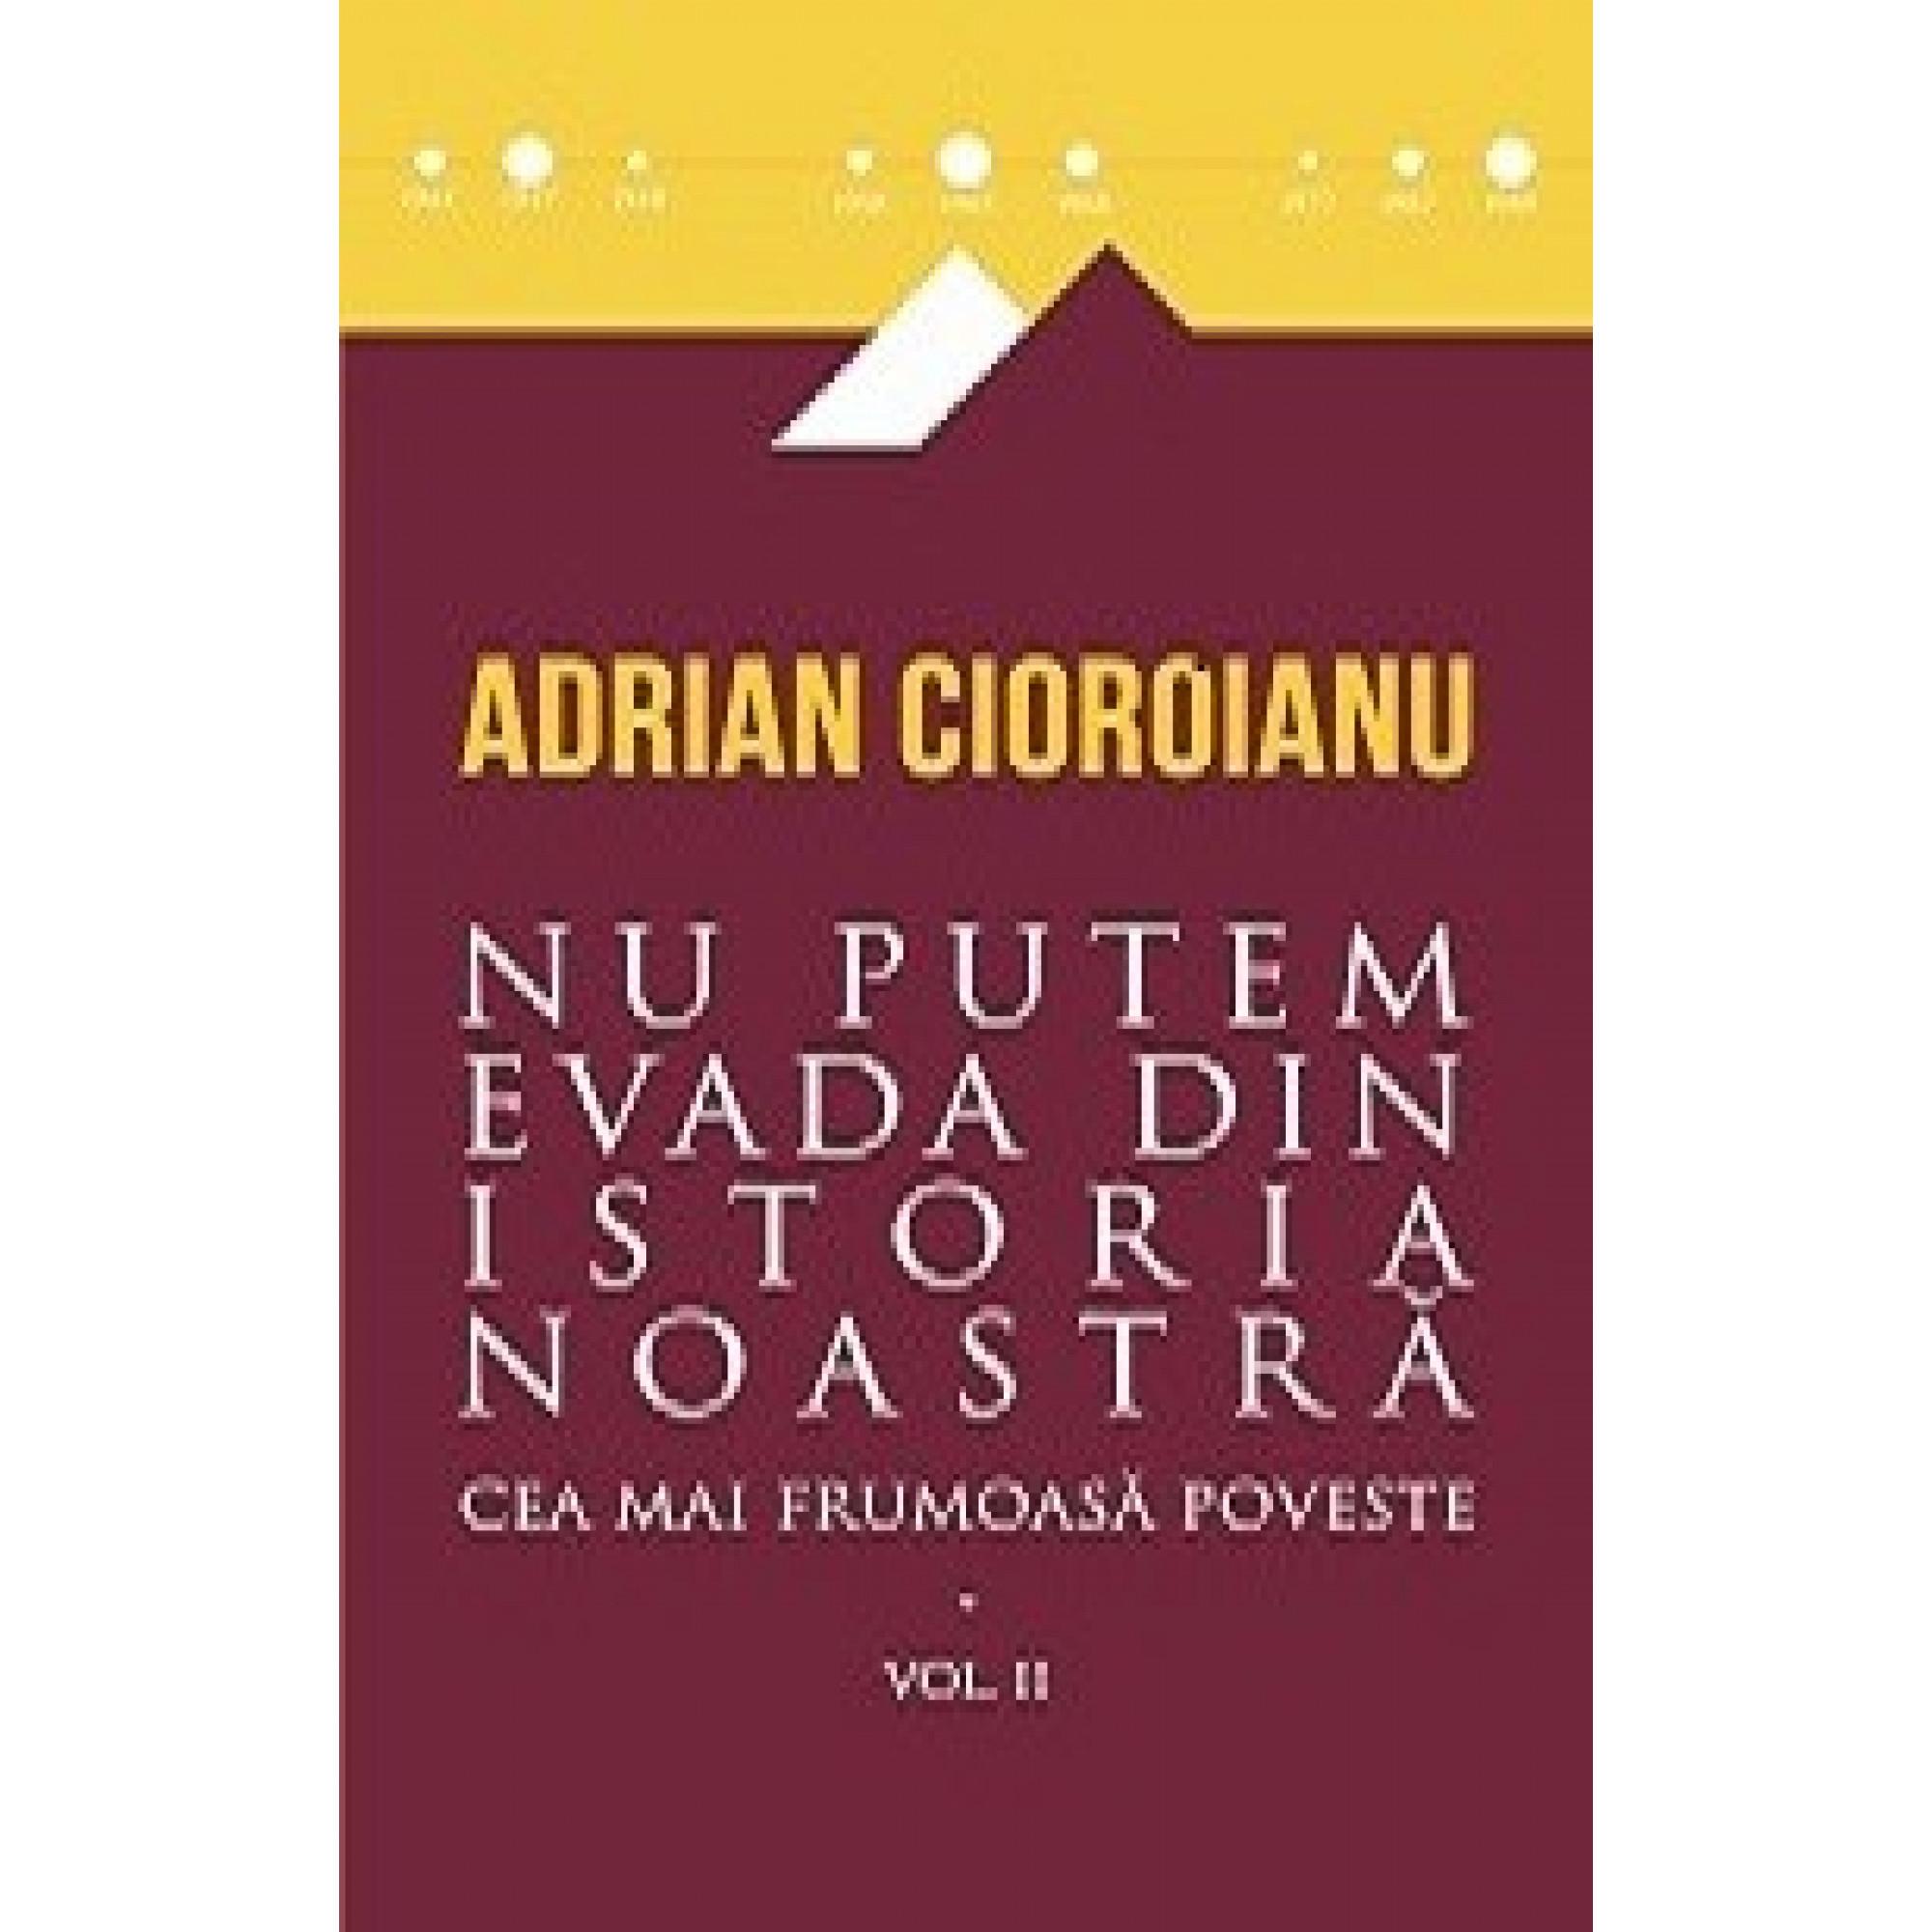 Cea mai frumoasă poveste, vol. II. Nu putem evada din istoria noastră; Adrian Cioroianu